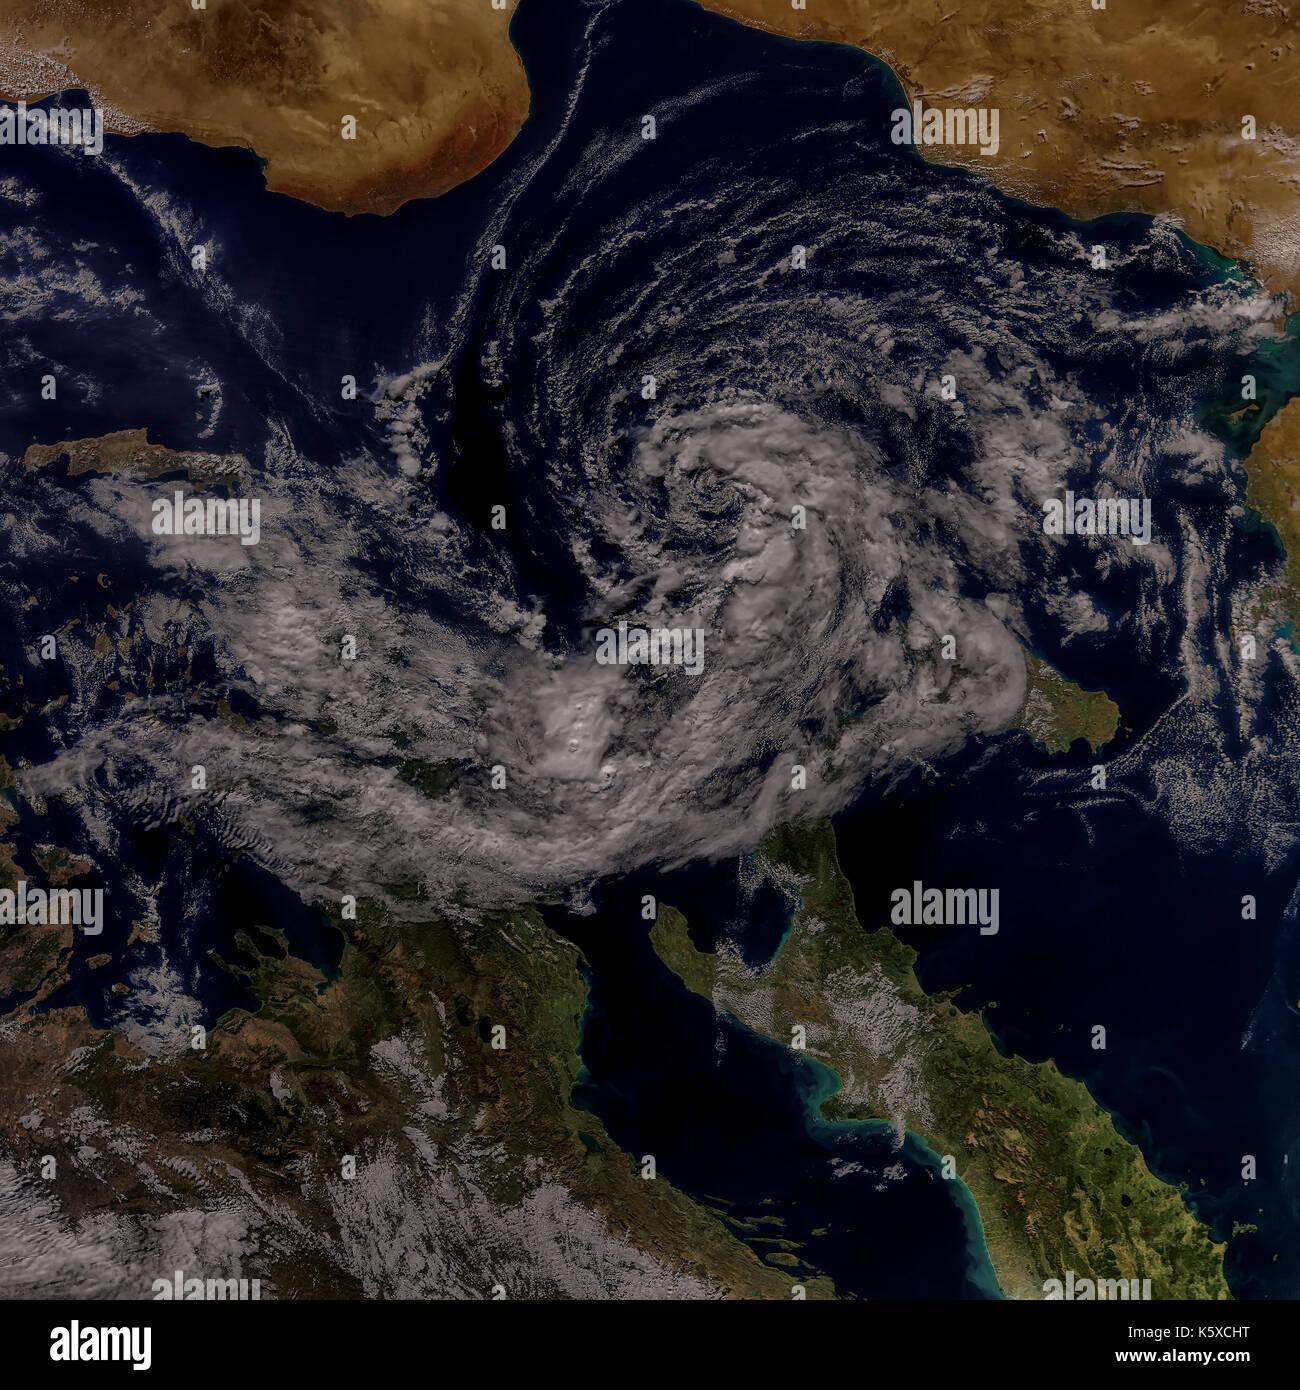 Tempête cyclonique dans la Méditerranée. Éléments de cette image sont meublées par la NASA Photo Stock